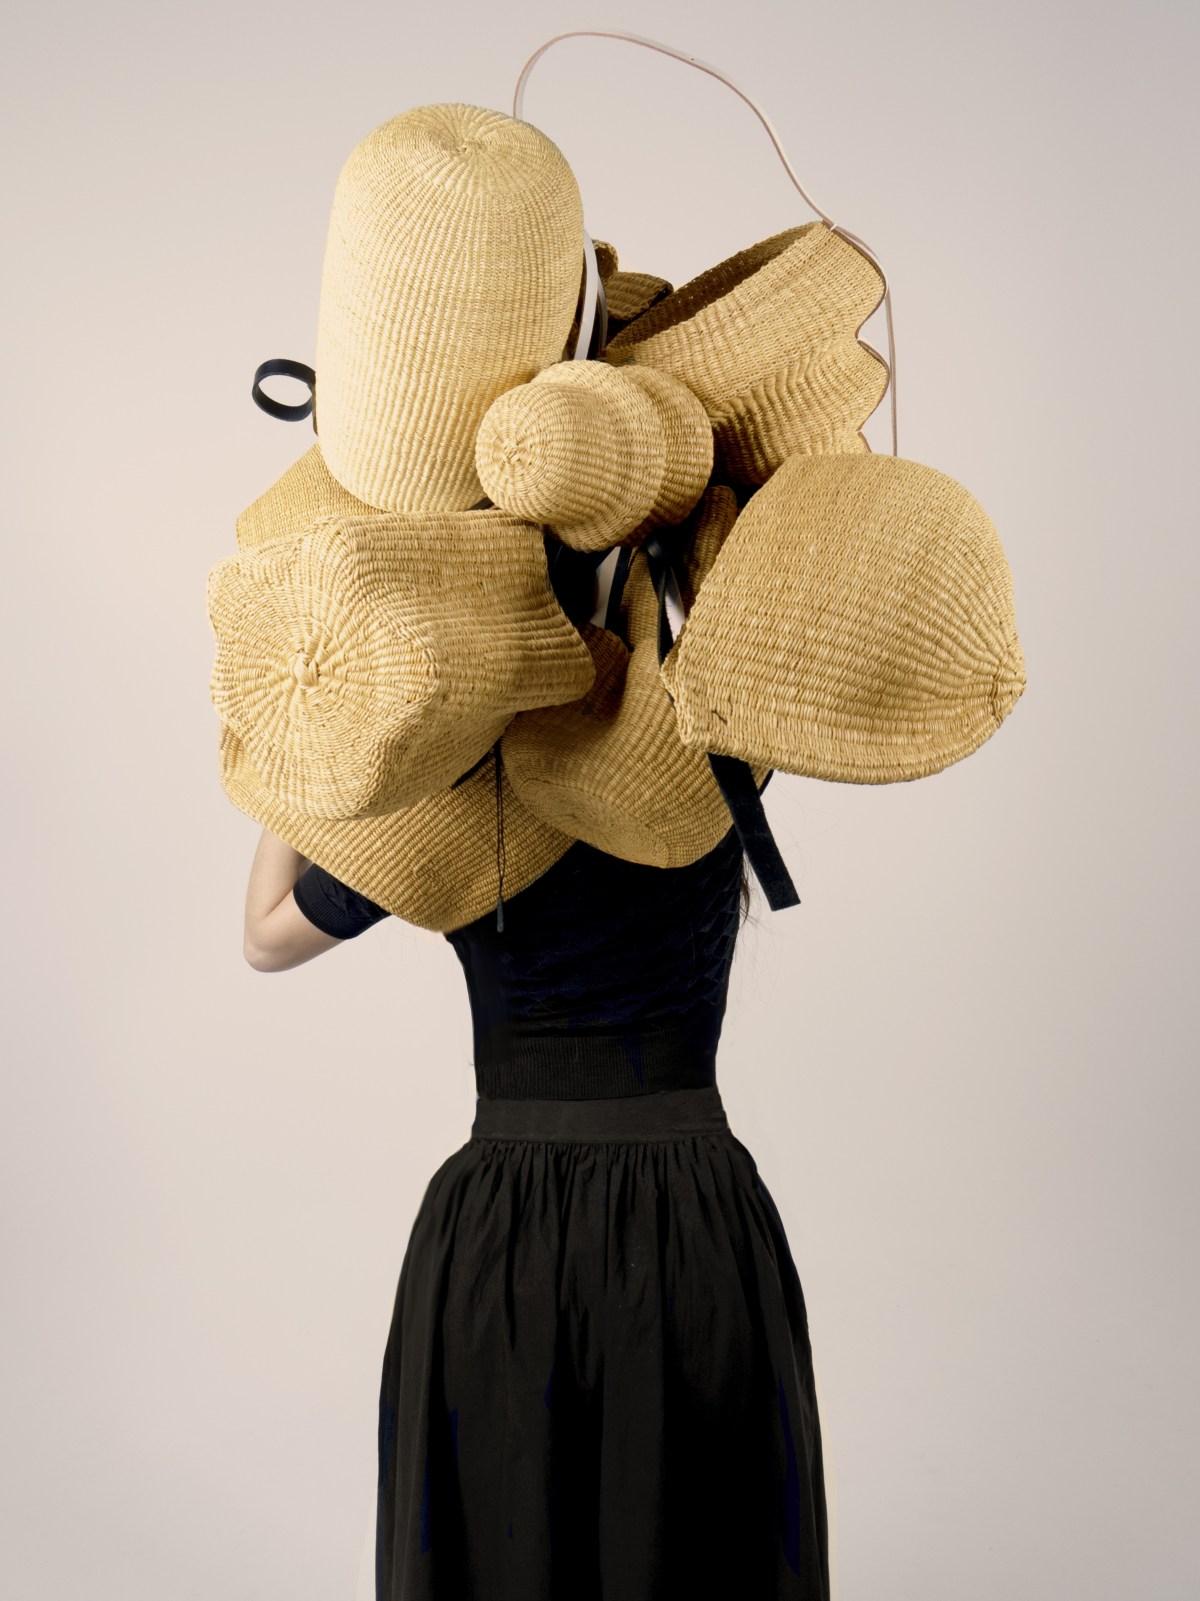 Ines Bressant Akamae Design